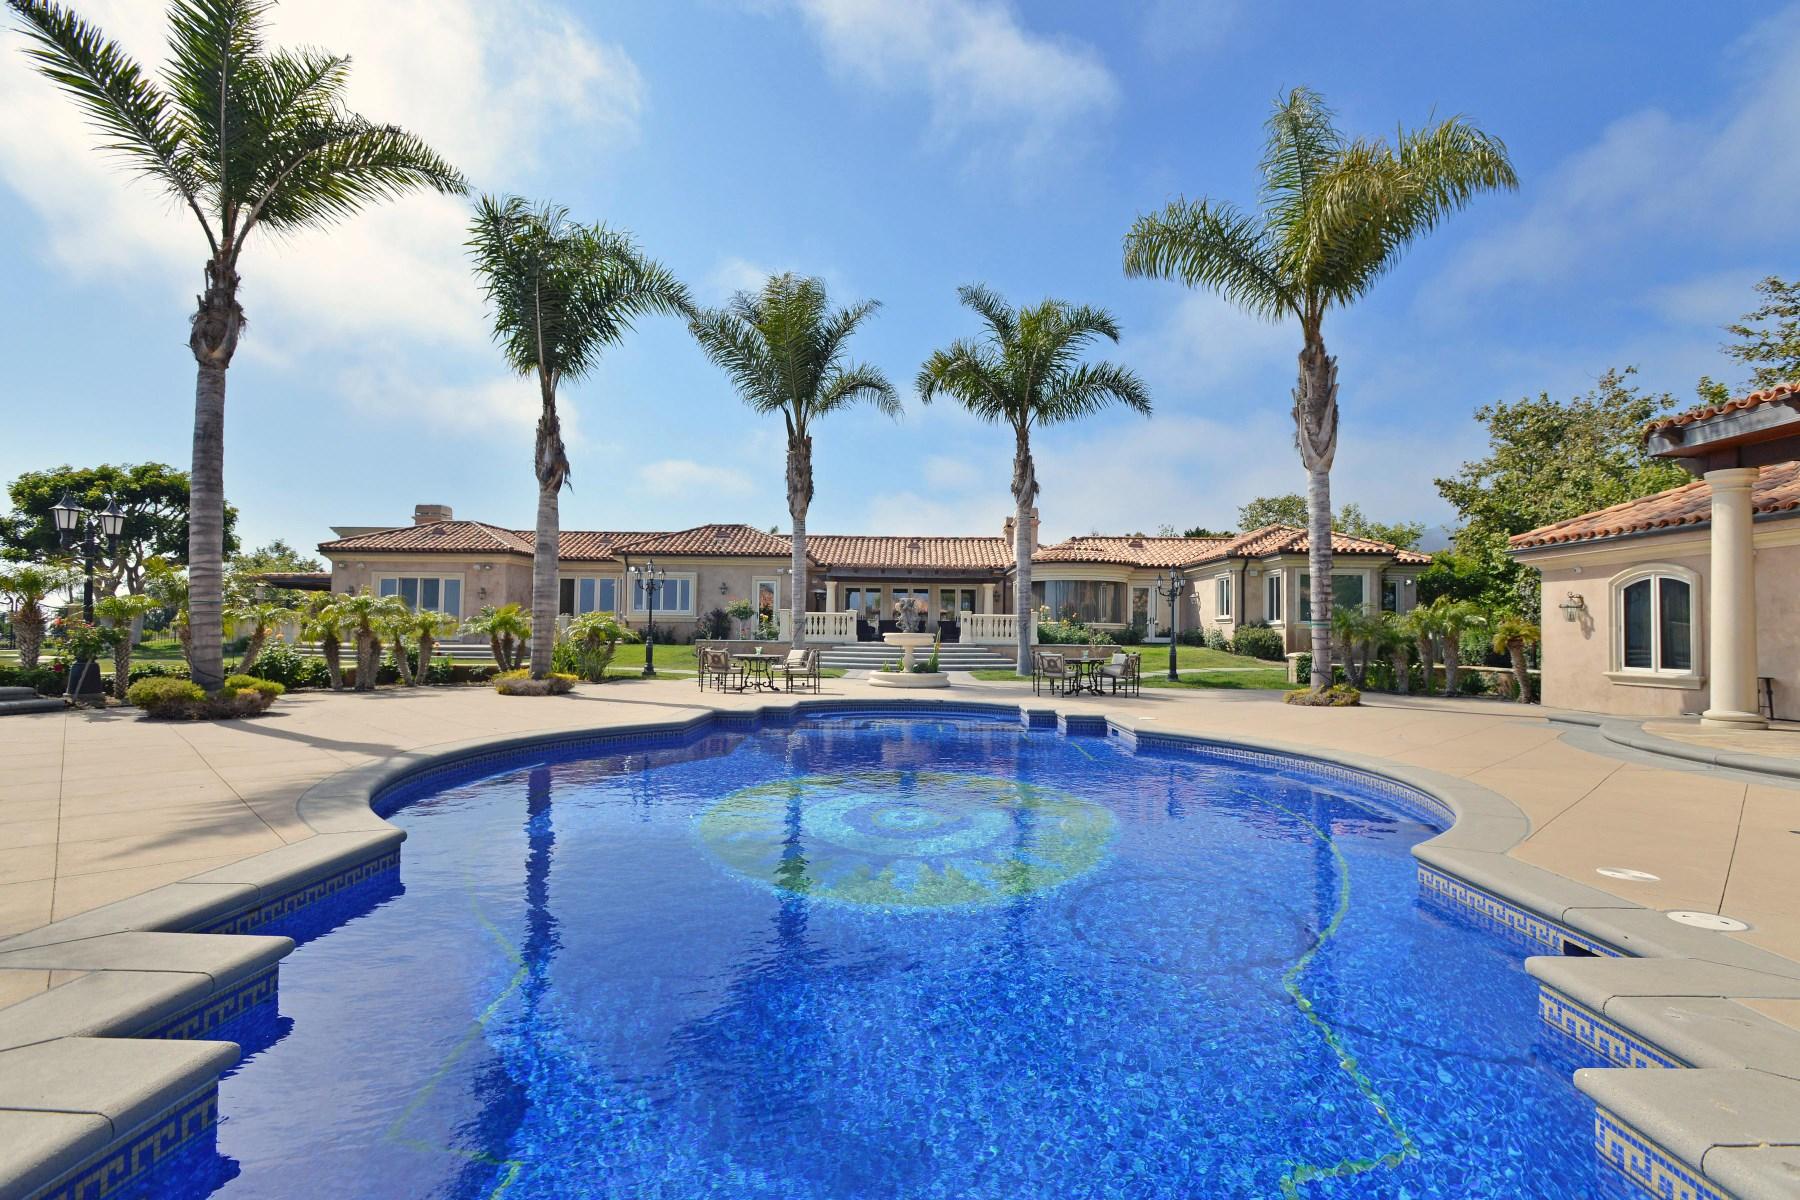 一戸建て のために 賃貸 アット Stunning Compound With Ocean Views 29700 Baden Place Malibu, カリフォルニア, 90265 アメリカ合衆国